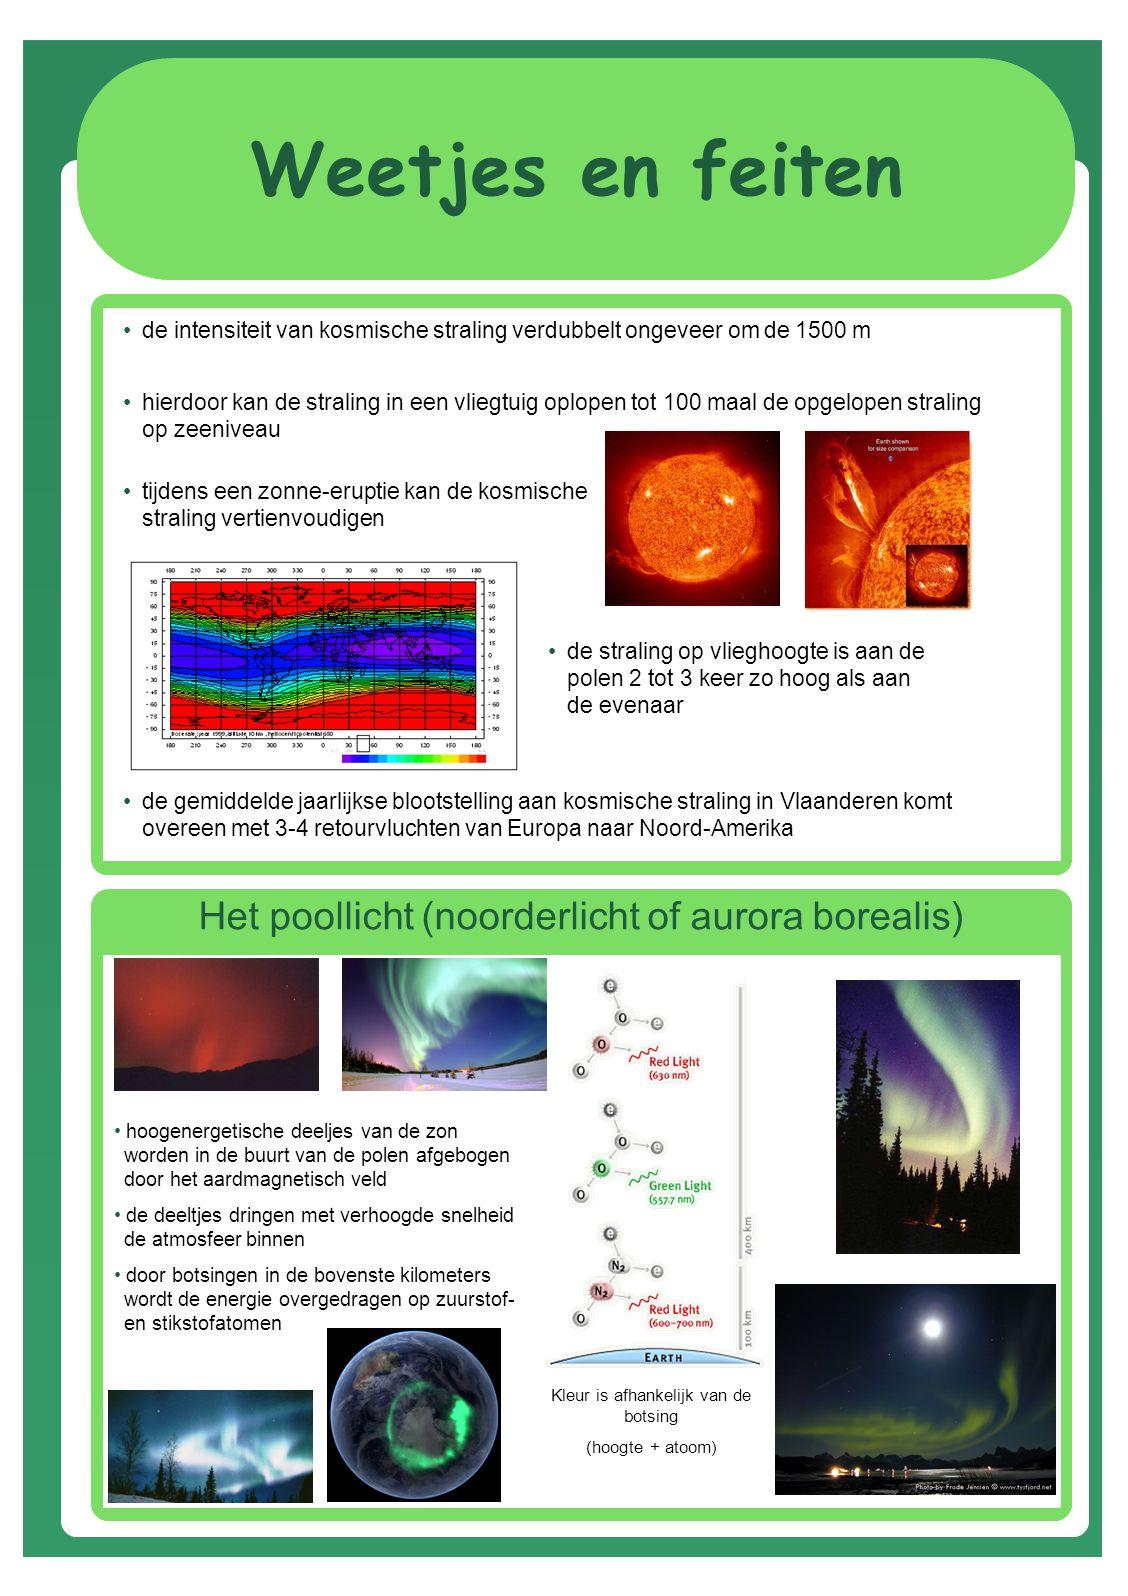 Weetjes en feiten de intensiteit van kosmische straling verdubbelt ongeveer om de 1500 m hierdoor kan de straling in een vliegtuig oplopen tot 100 maal de opgelopen straling op zeeniveau de gemiddelde jaarlijkse blootstelling aan kosmische straling in Vlaanderen komt overeen met 3-4 retourvluchten van Europa naar Noord-Amerika tijdens een zonne-eruptie kan de kosmische straling vertienvoudigen de straling op vlieghoogte is aan de polen 2 tot 3 keer zo hoog als aan de evenaar Het poollicht (noorderlicht of aurora borealis) hoogenergetische deeljes van de zon worden in de buurt van de polen afgebogen door het aardmagnetisch veld de deeltjes dringen met verhoogde snelheid de atmosfeer binnen door botsingen in de bovenste kilometers wordt de energie overgedragen op zuurstof- en stikstofatomen Kleur is afhankelijk van de botsing (hoogte + atoom)